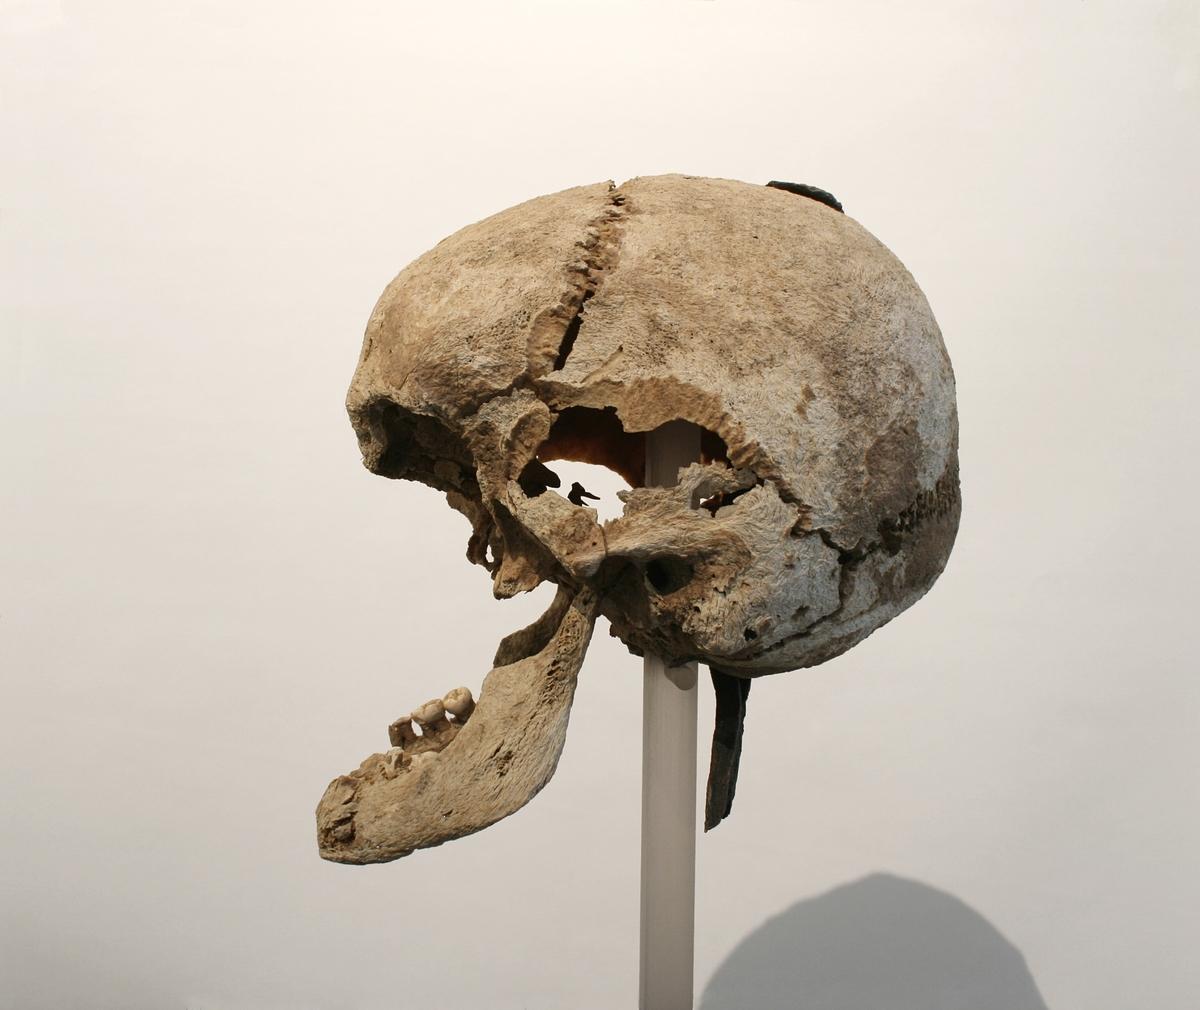 Menneskekranium der midtpartiet i ansiktet mangler. En lang jernnagle gjennomborer issen.